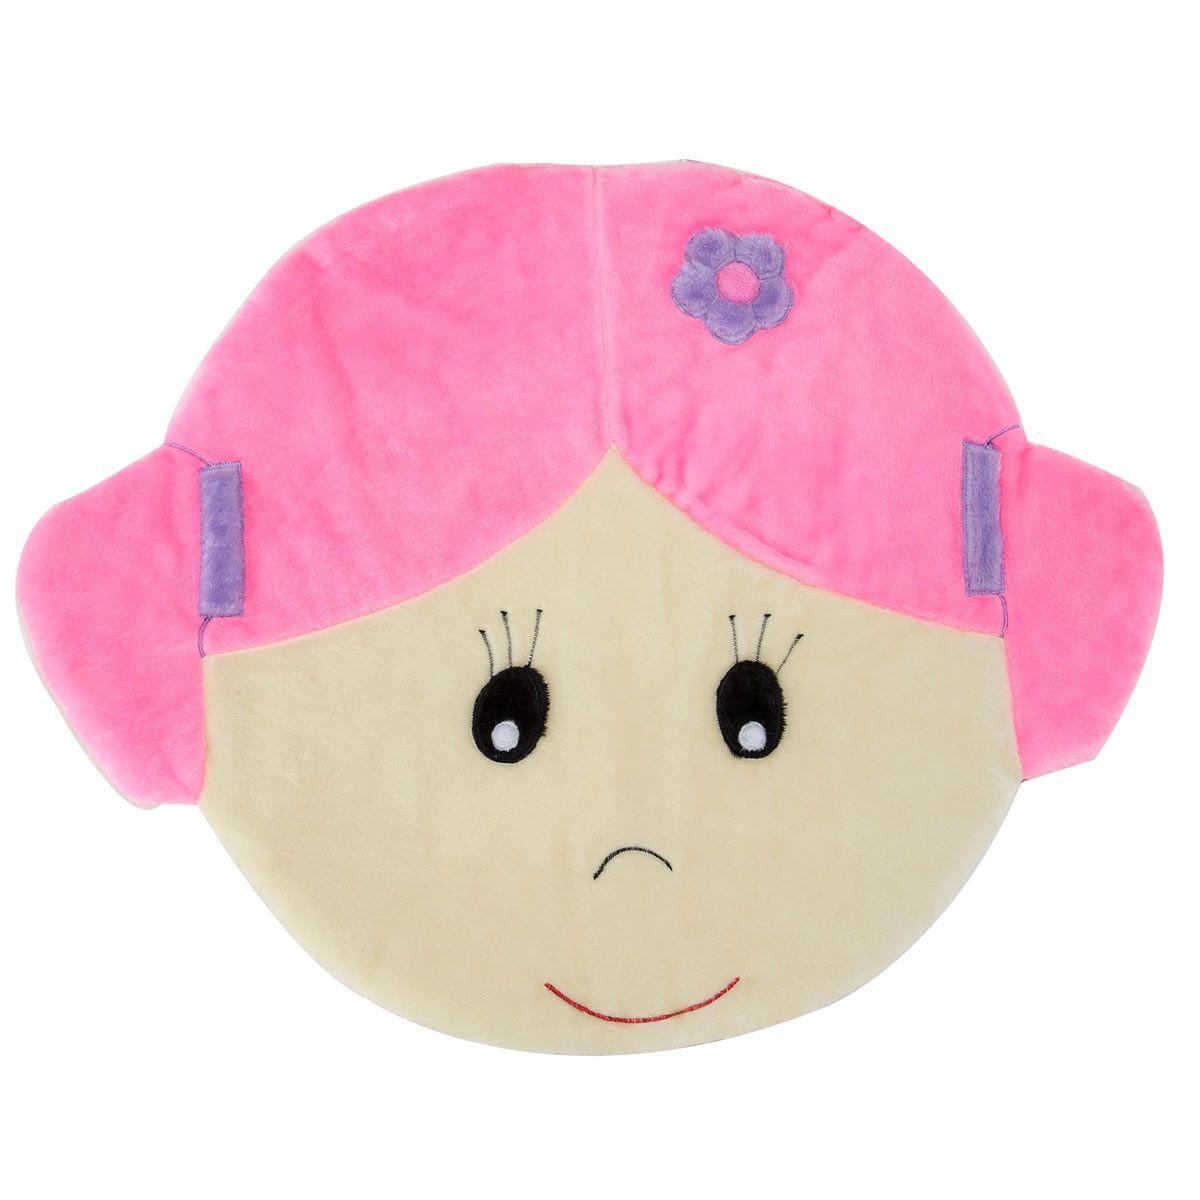 Tapete para Quarto de Bebê Carinha de Menina 1,15m x 90cm Rosa - Antialérgico